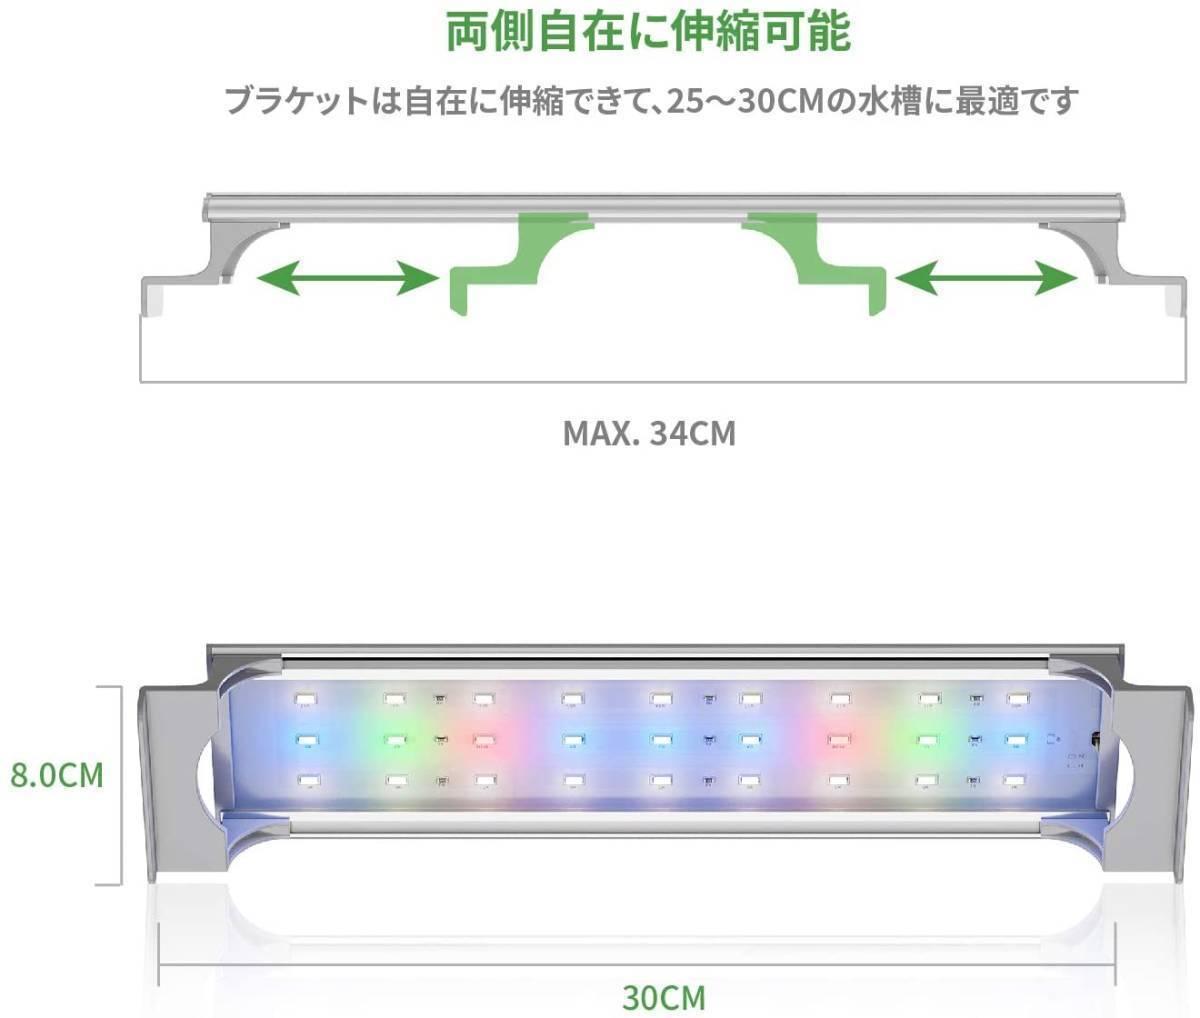 アクアリウム LED水槽ライト 水槽用照明 25~30CM 魚ライト 27連 4色白/赤/青/緑 観賞魚 熱帯魚 水草育成 10.5W 省エネ_画像3